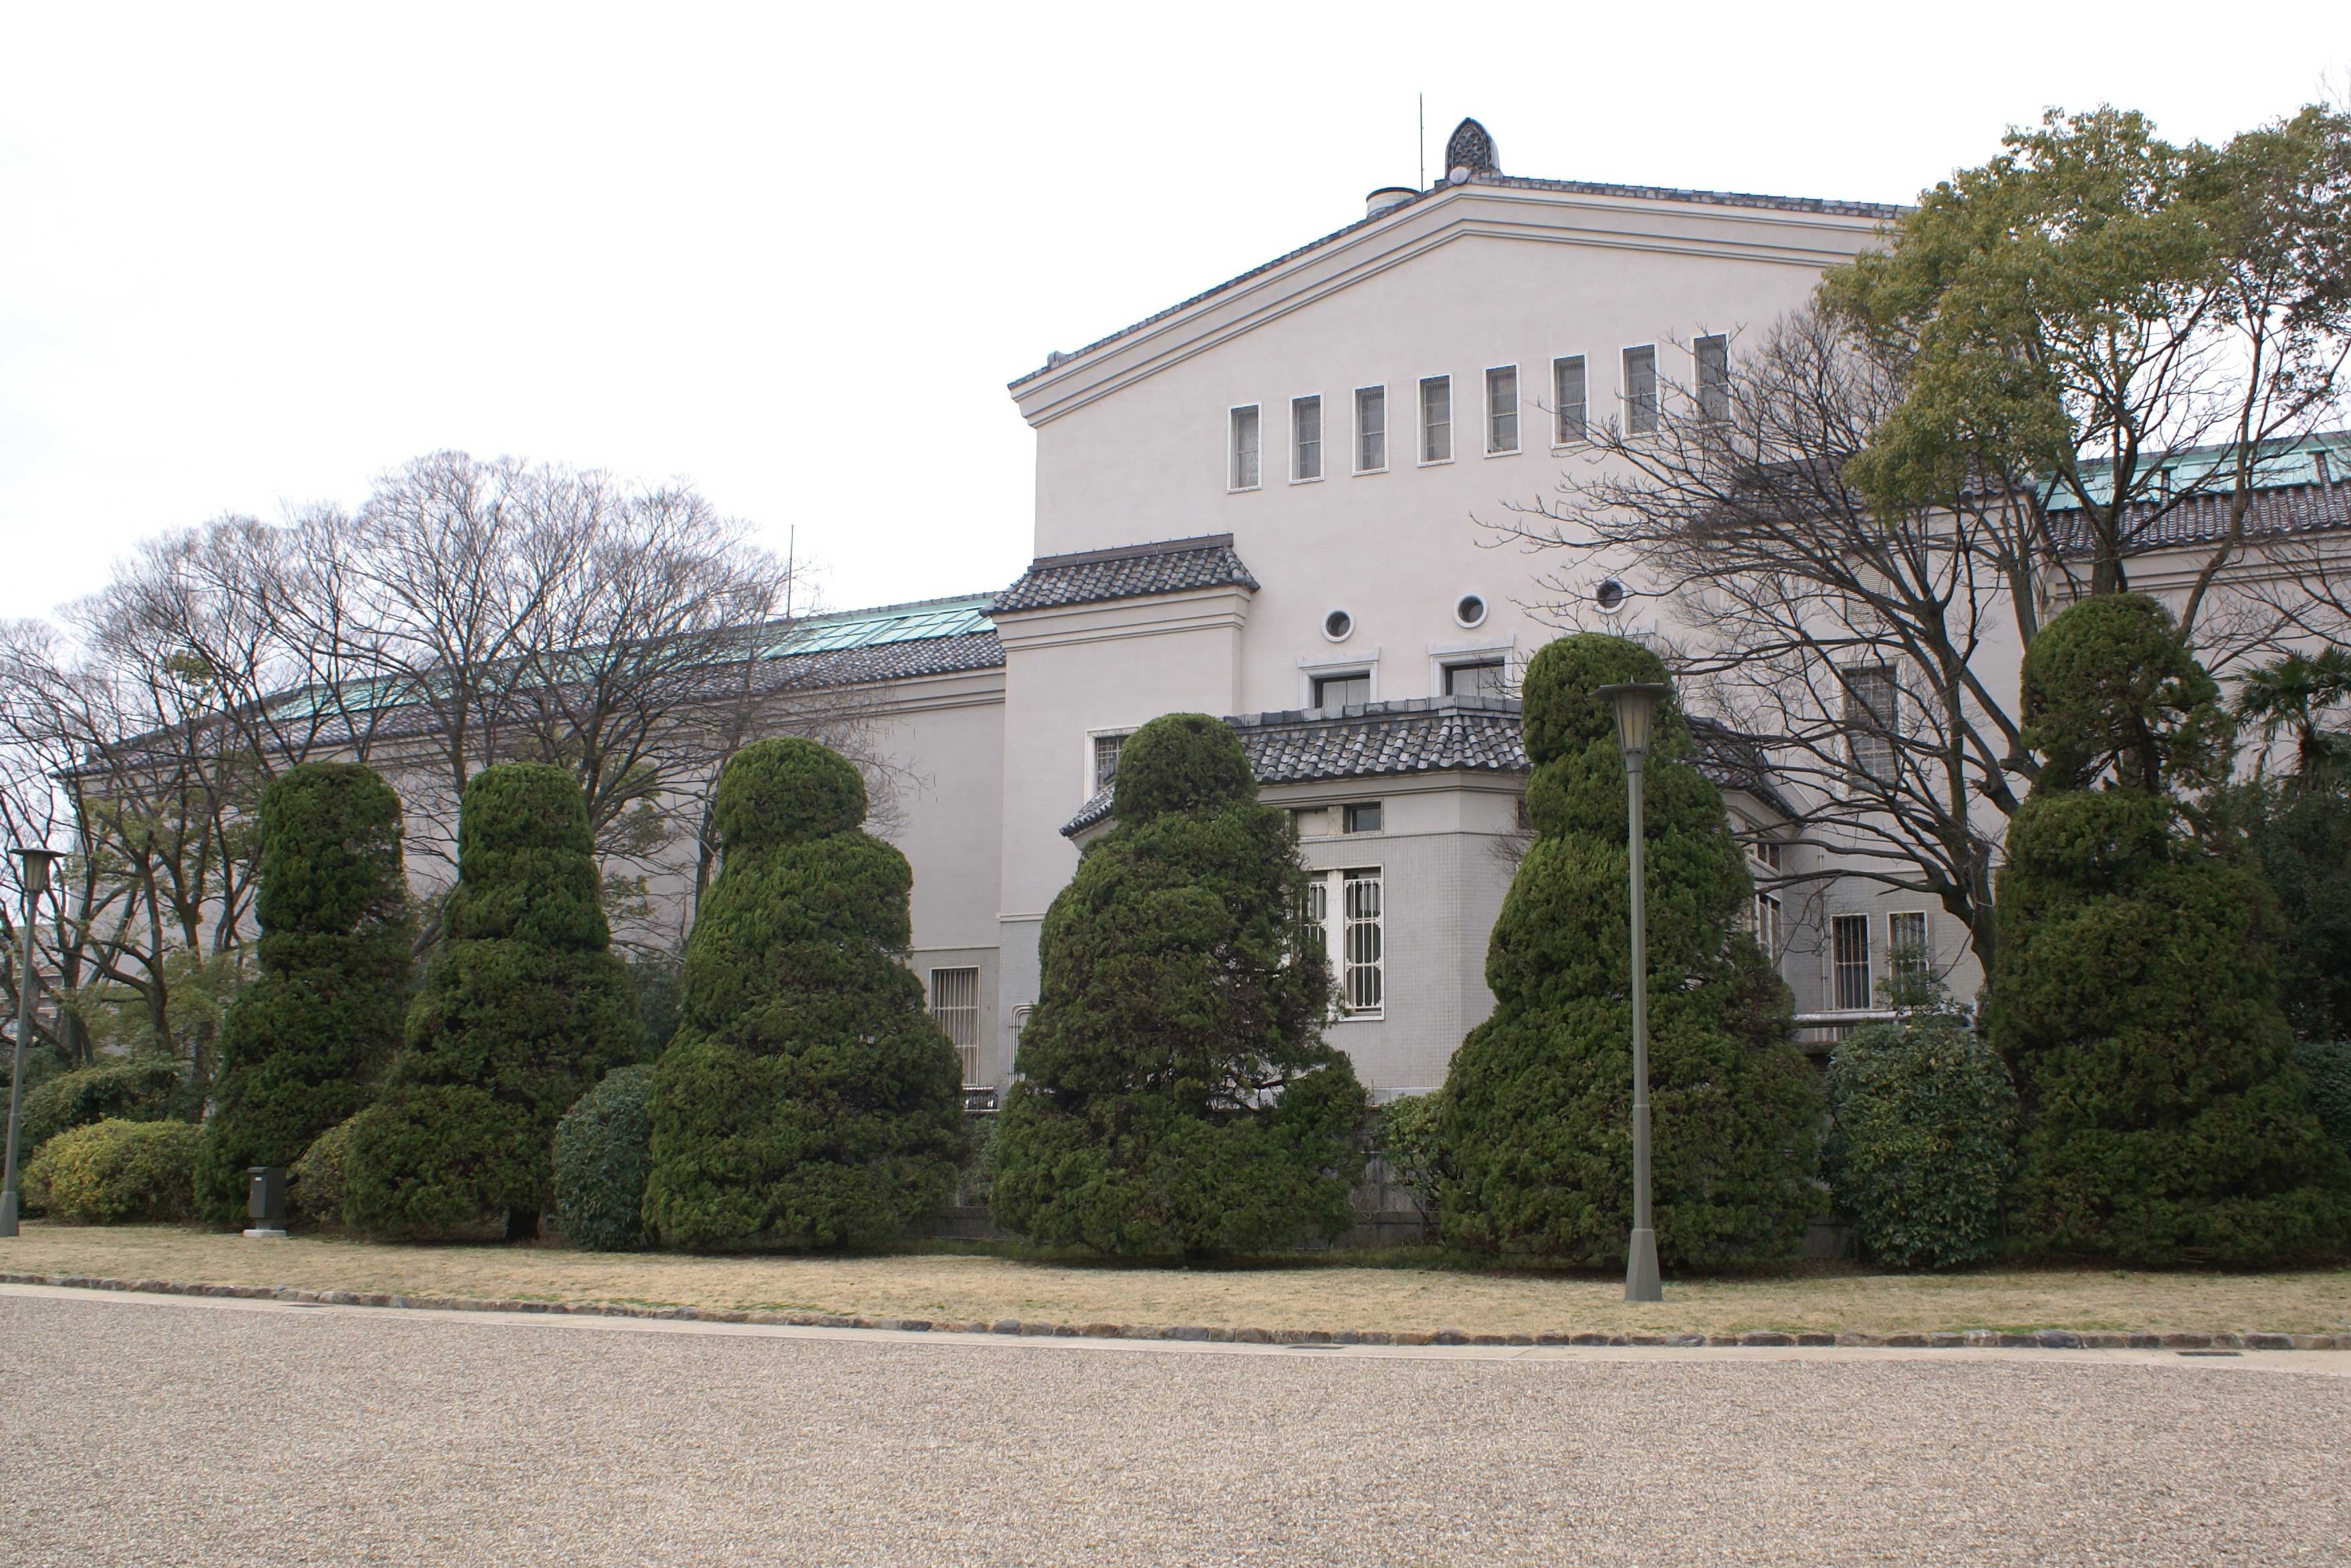 <p>慶沢園から見る美術館背面</p>七代目小川治兵衛(植治)の手になる「慶沢園」から美術館を望む。植栽が建物に柔らかな表情を与える。<br />